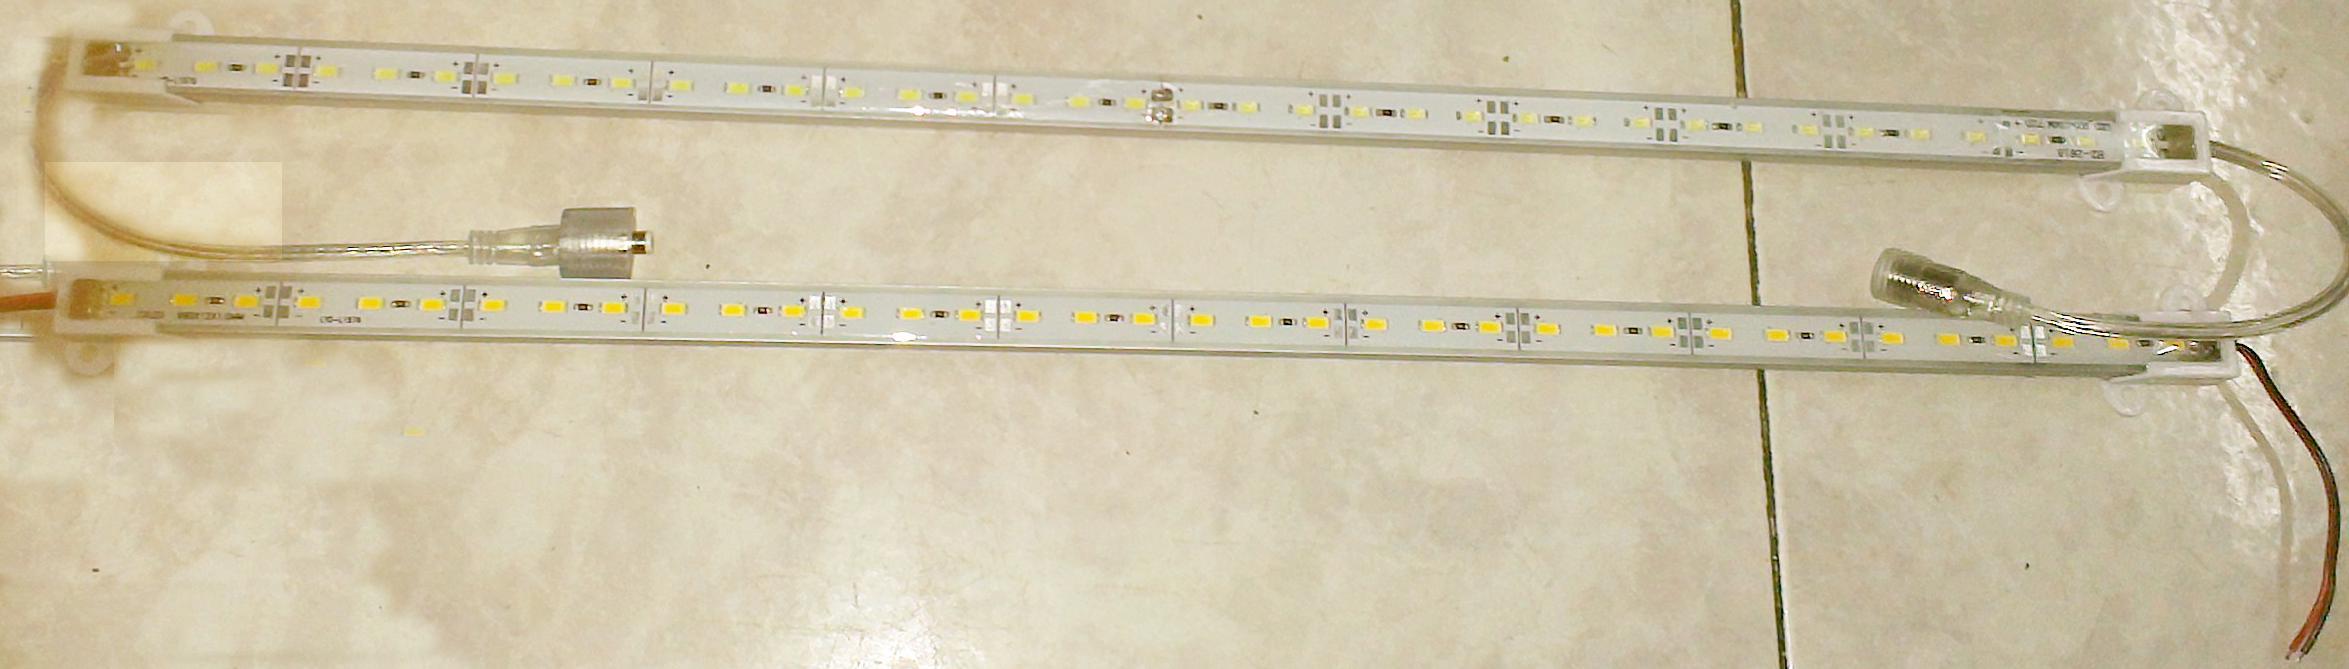 30X الصلب LED قطاع ماء IP68 5630 SMD دافئ أبيض جامد بار 36 المصابيح 0.5 متر الخفيفة مع